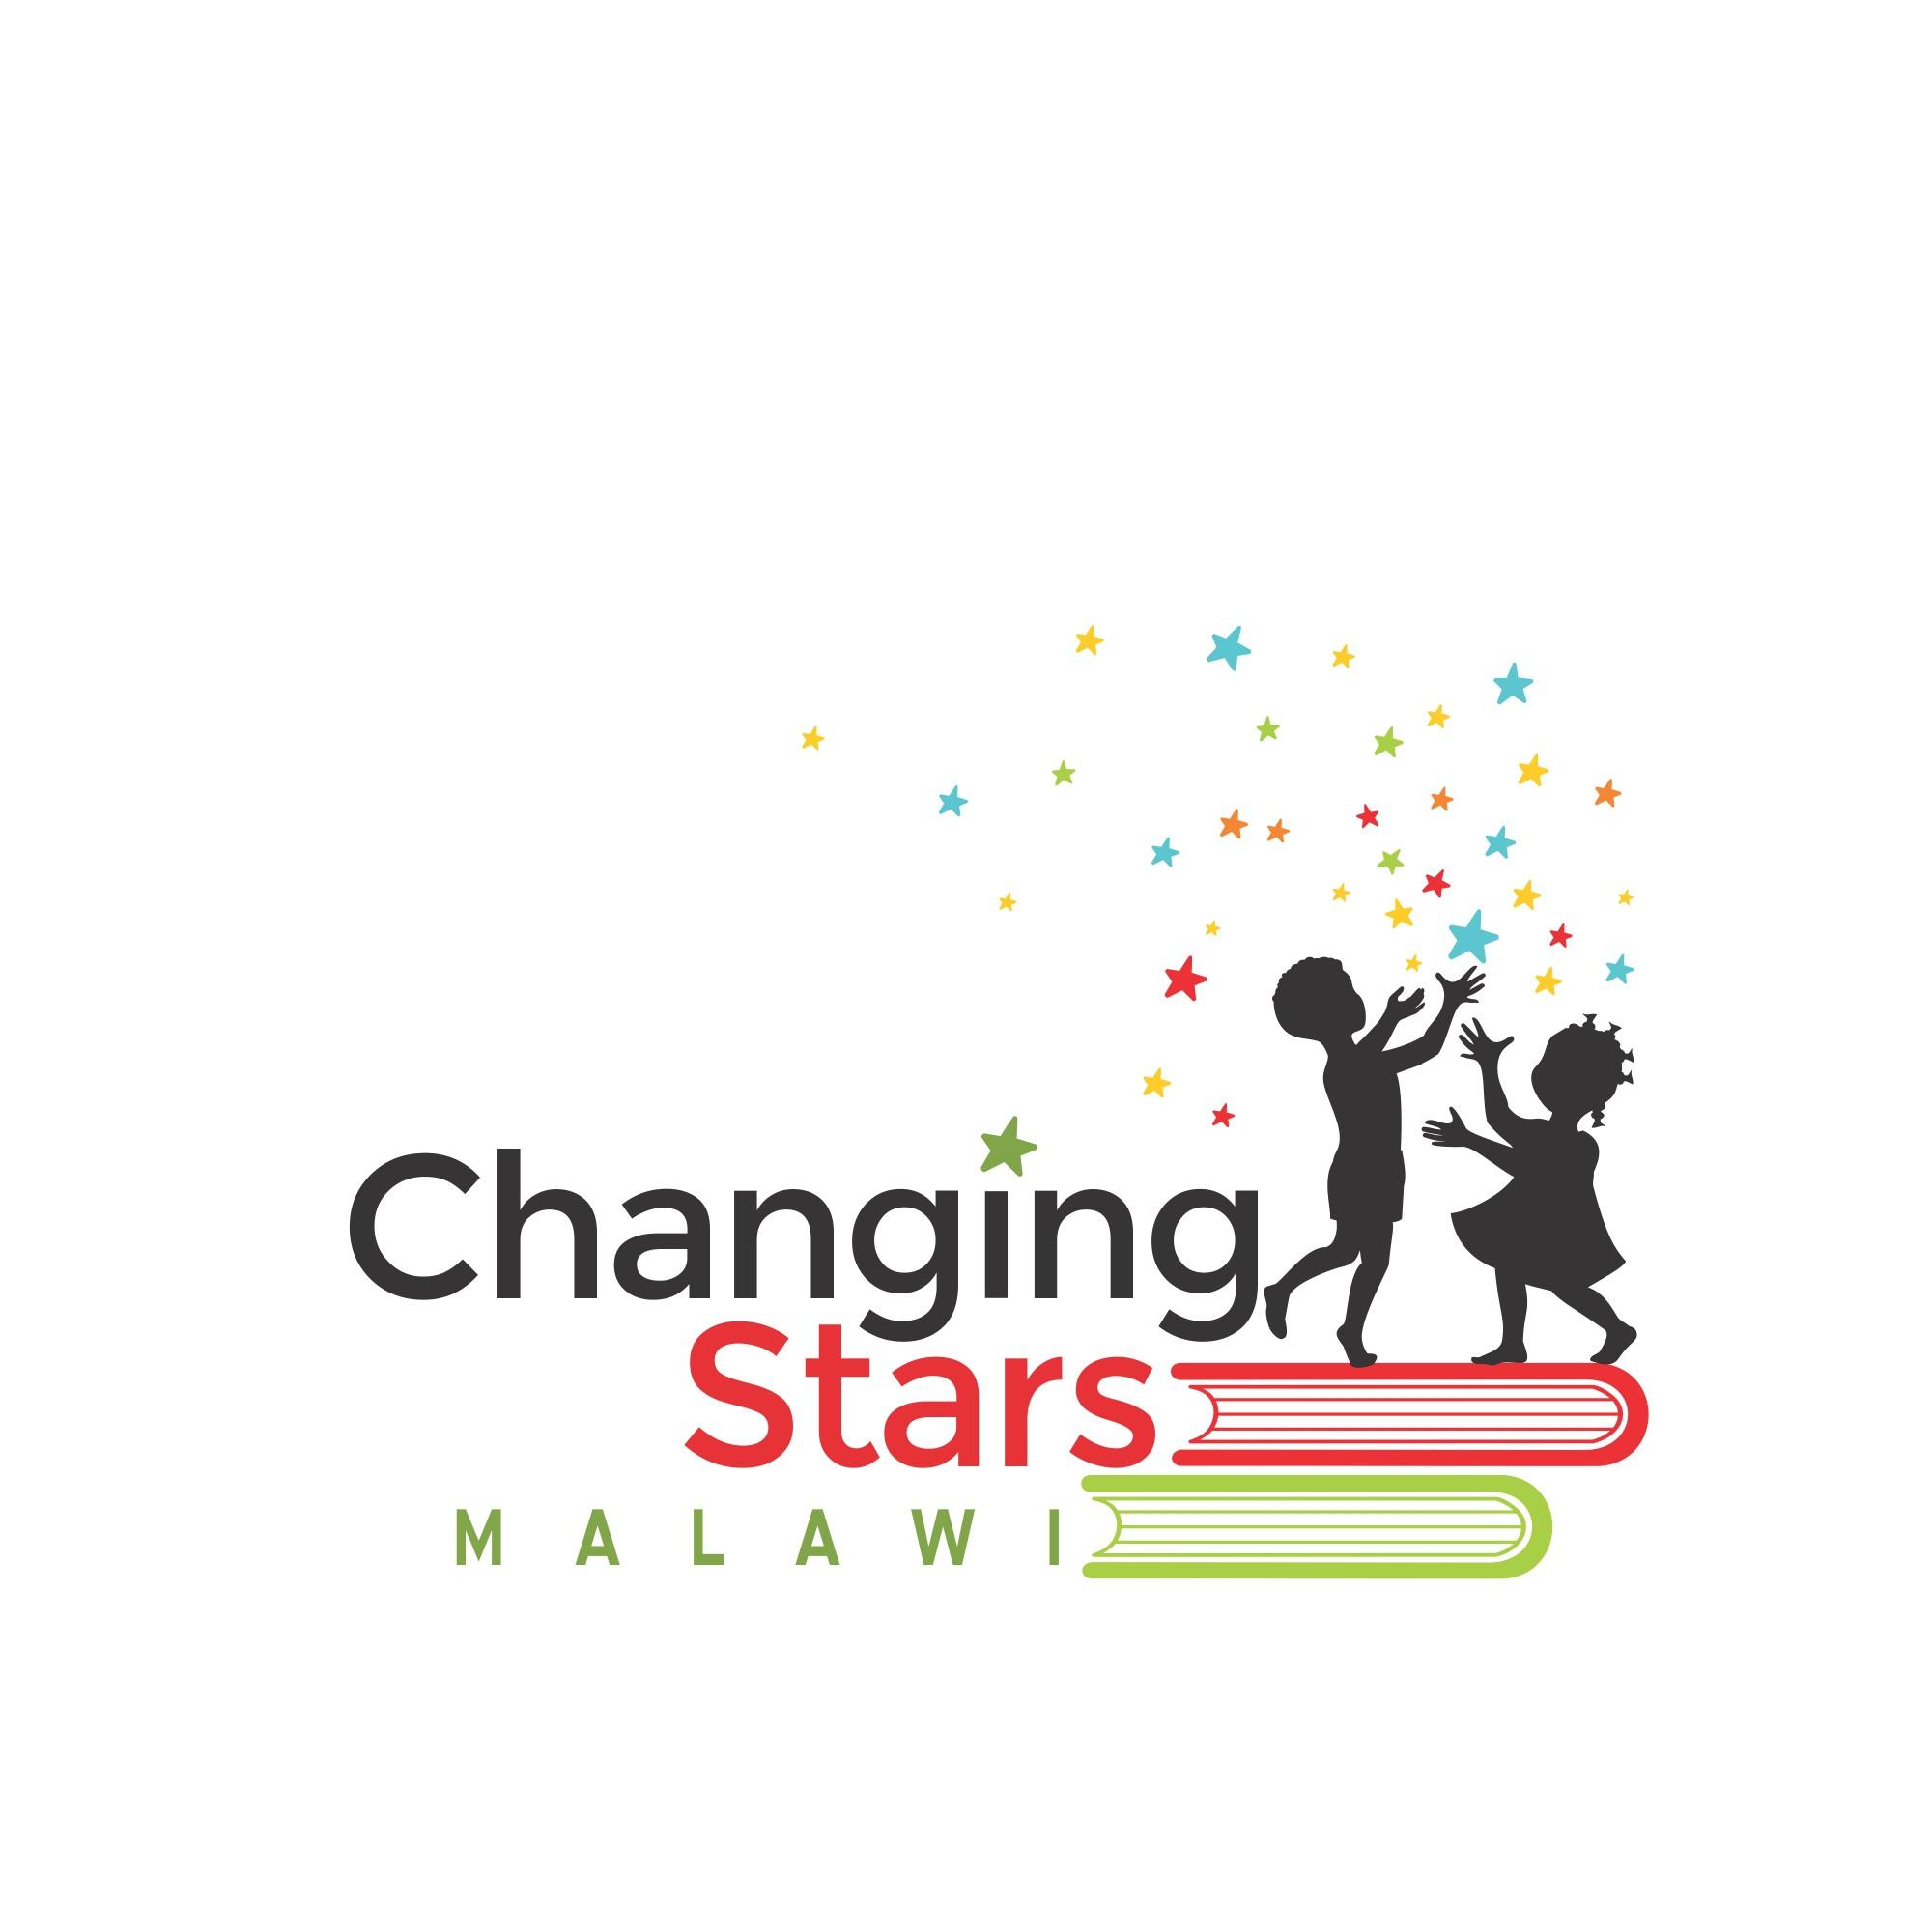 Changing Stars, Malawi